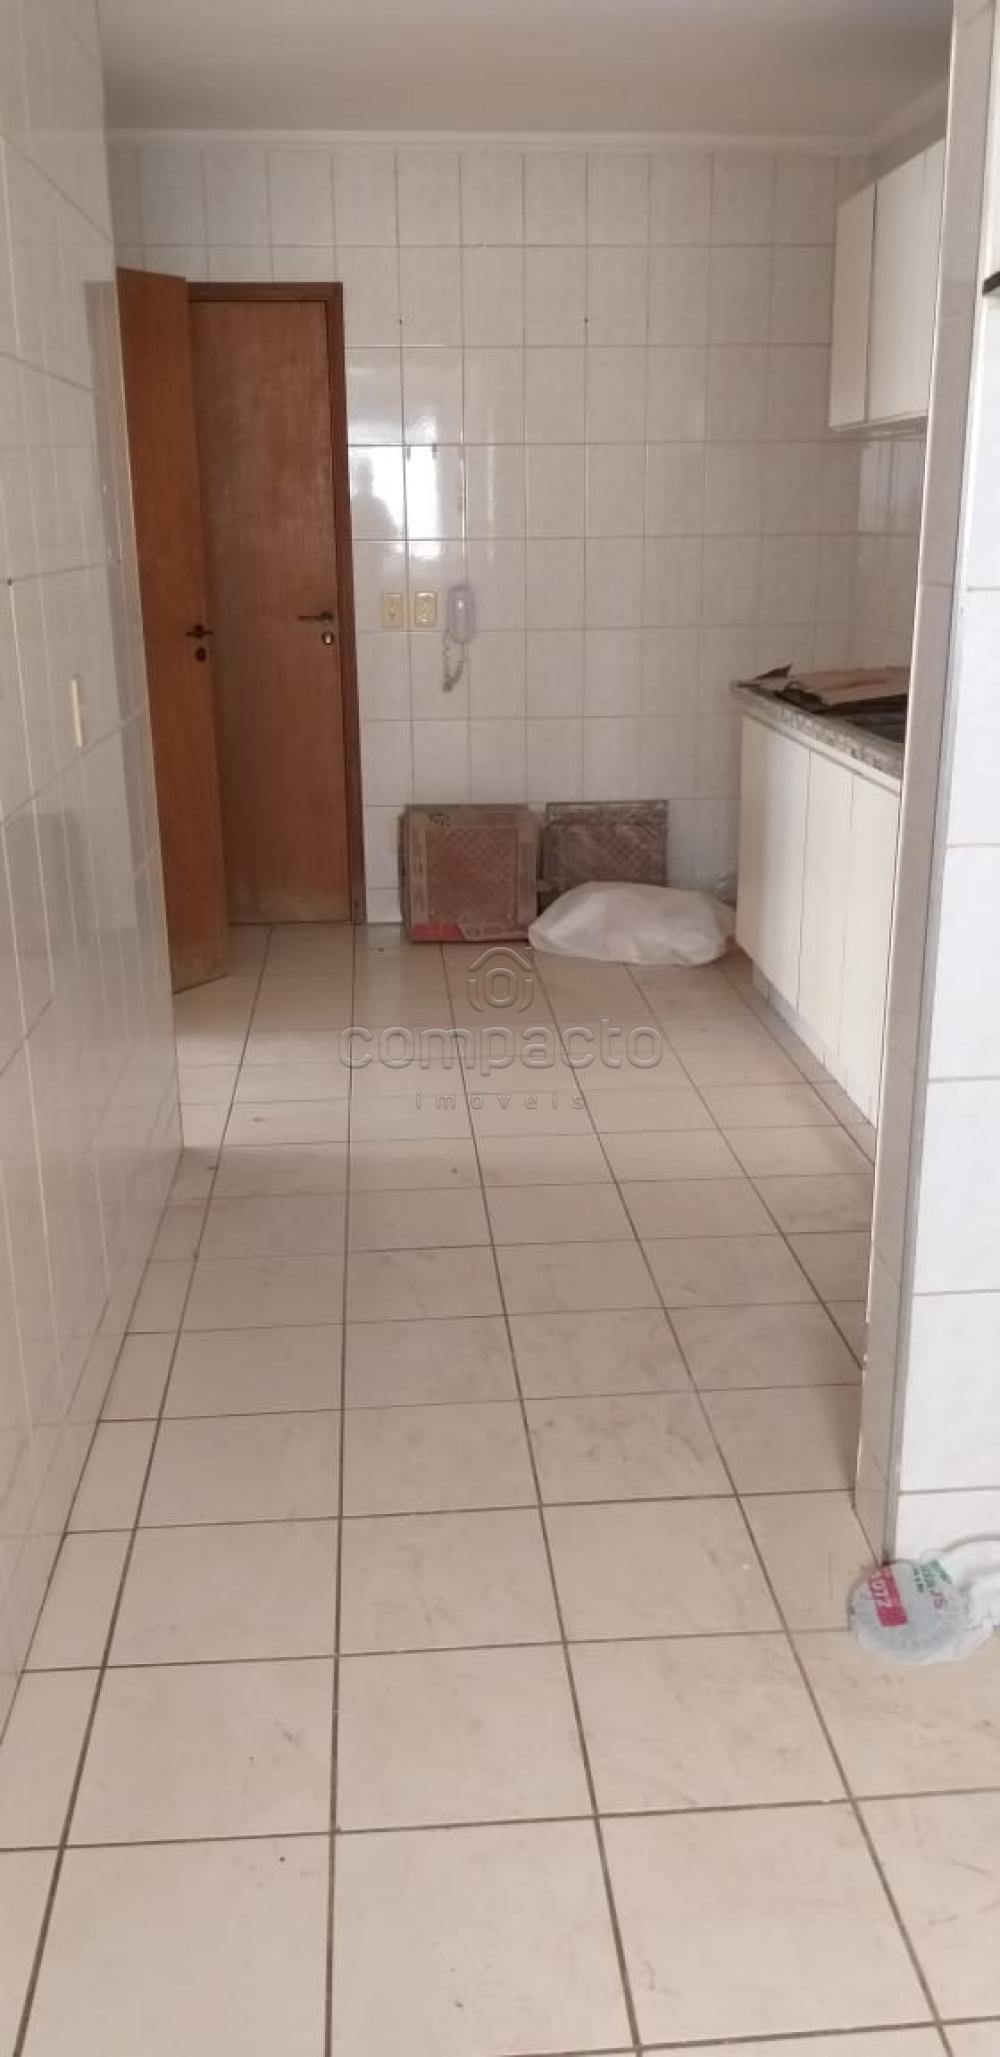 Alugar Apartamento / Padrão em São José do Rio Preto apenas R$ 1.250,00 - Foto 21